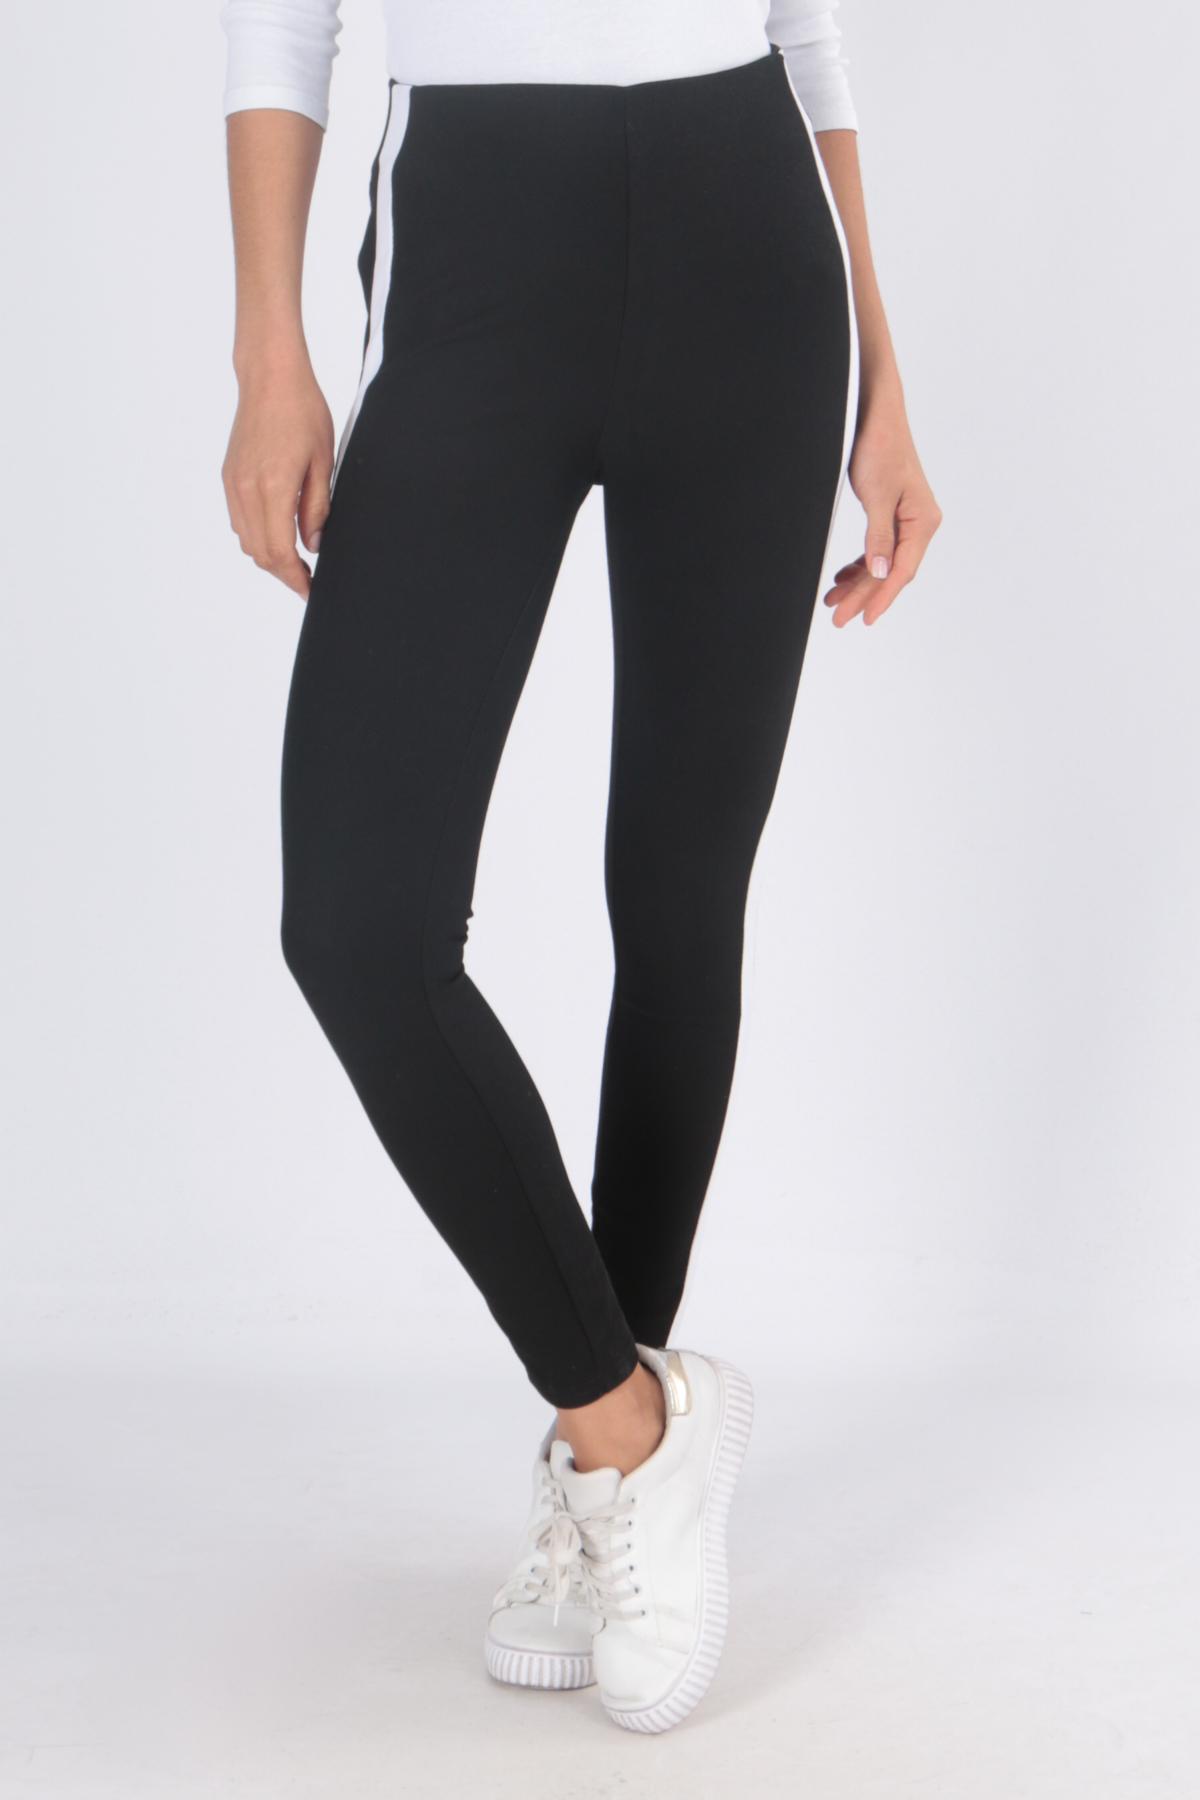 00125 Mustat housut valkoisella sivuraidalla etu3